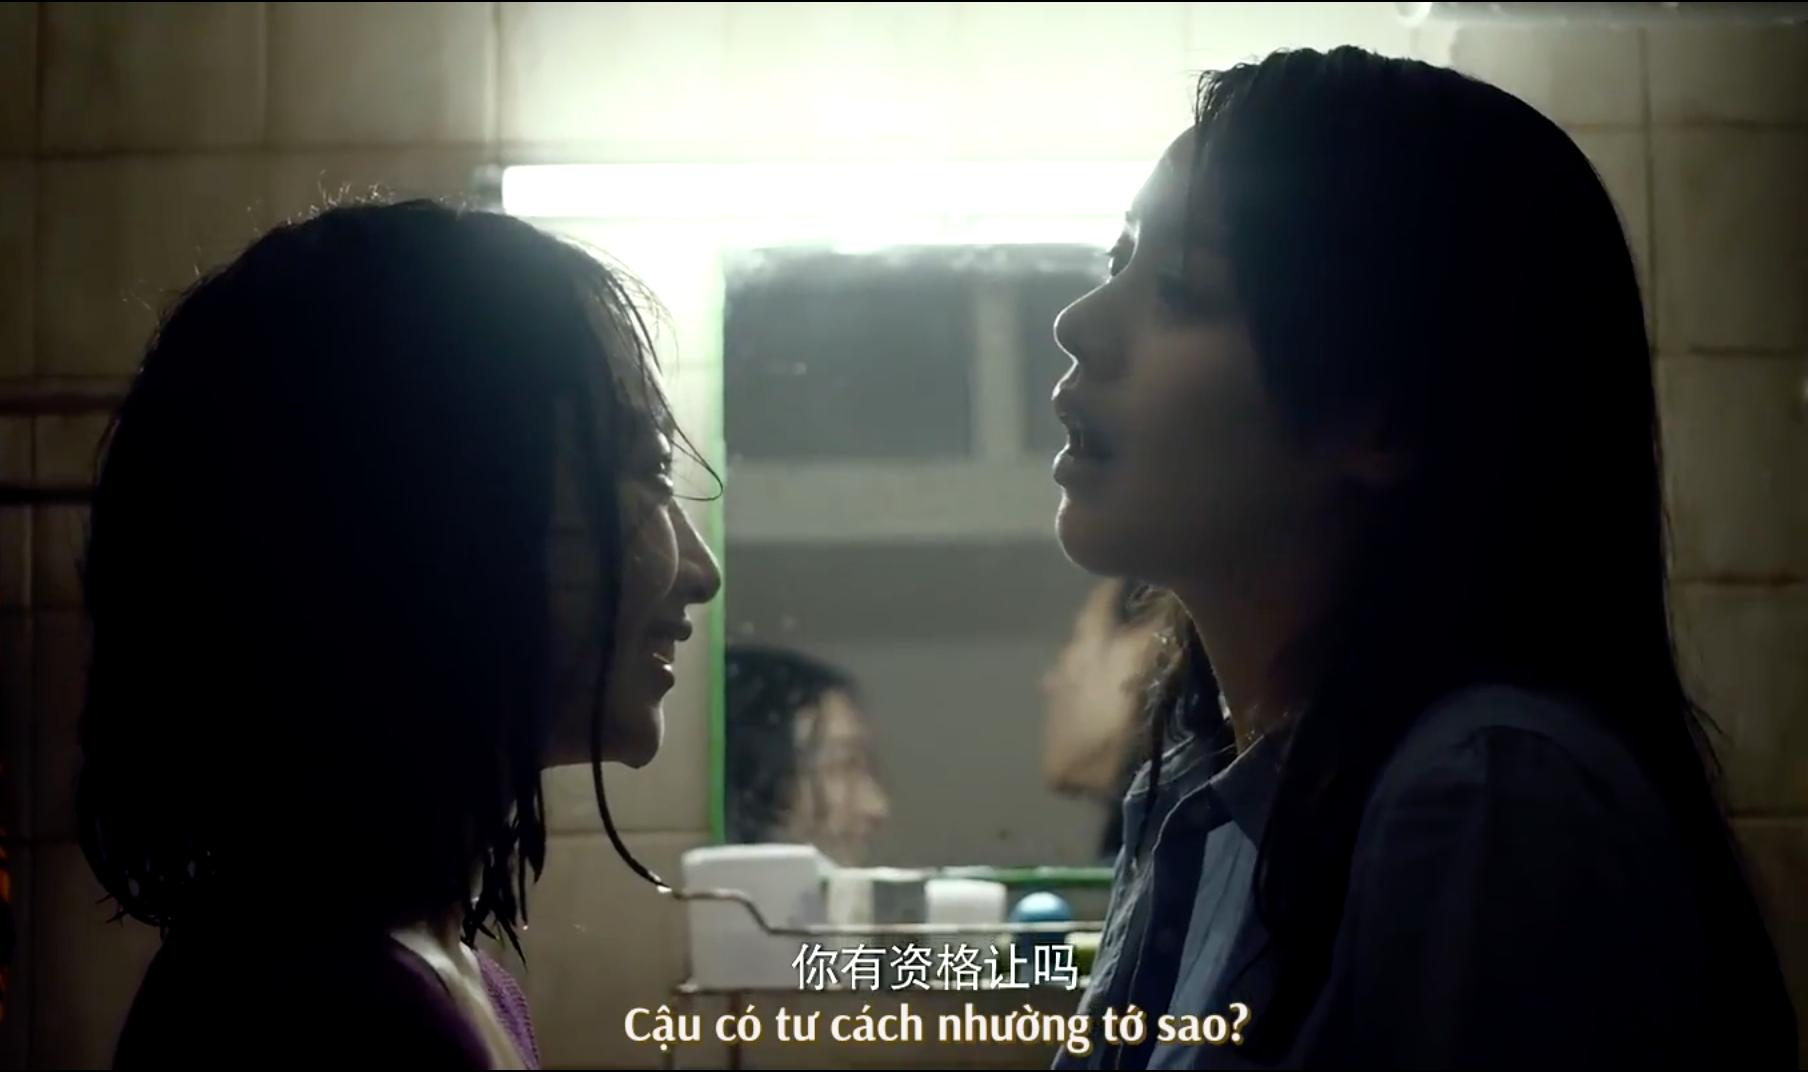 Thất Nguyệt và An Sinh: Hai cô gái gắn bó với nhau suốt một đời, ăn cùng mâm, ngủ cùng giường và yêu cùng một người - Ảnh 10.